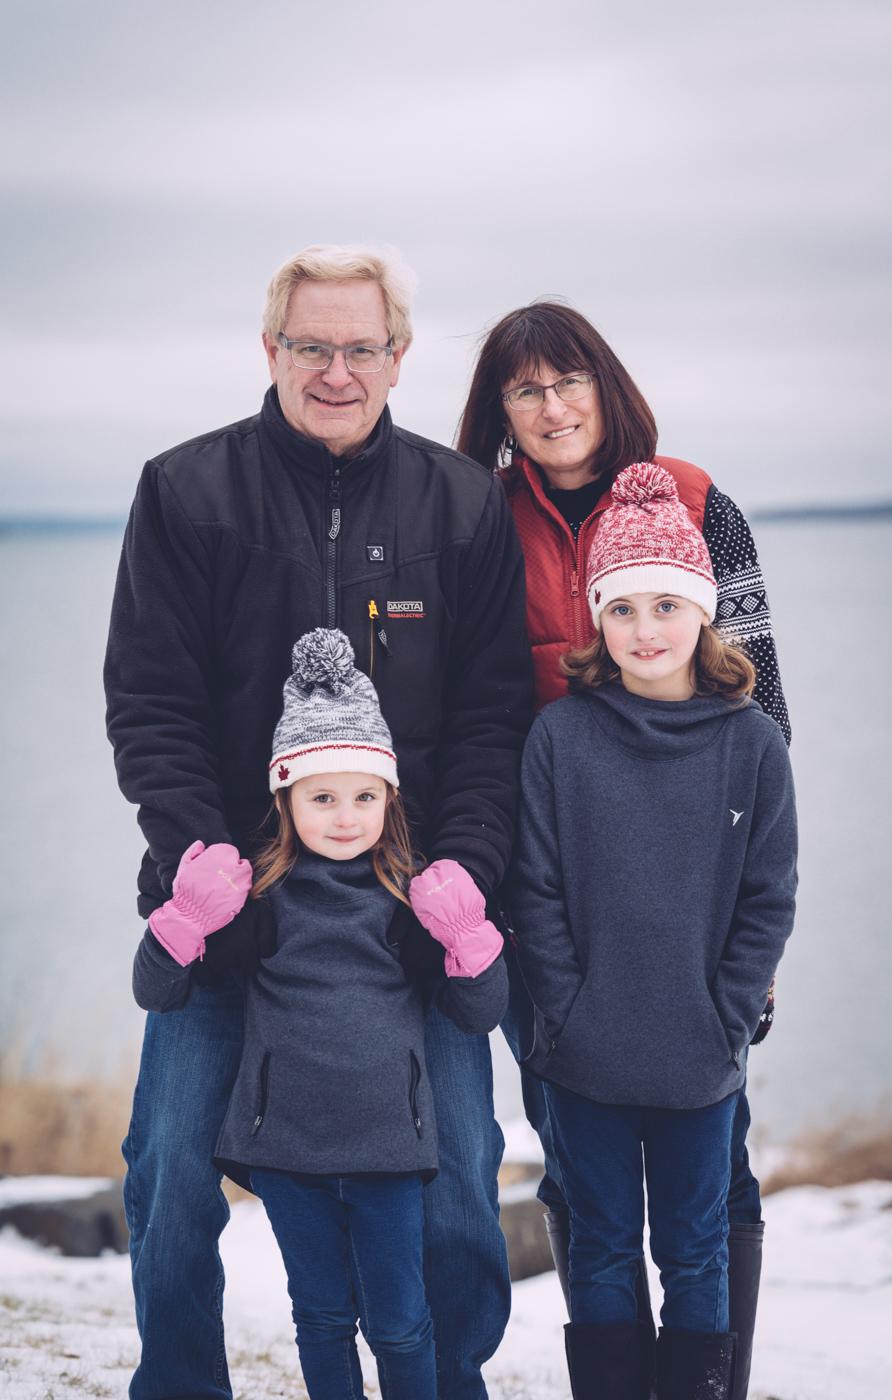 jason_family_portraits_blog11.jpg